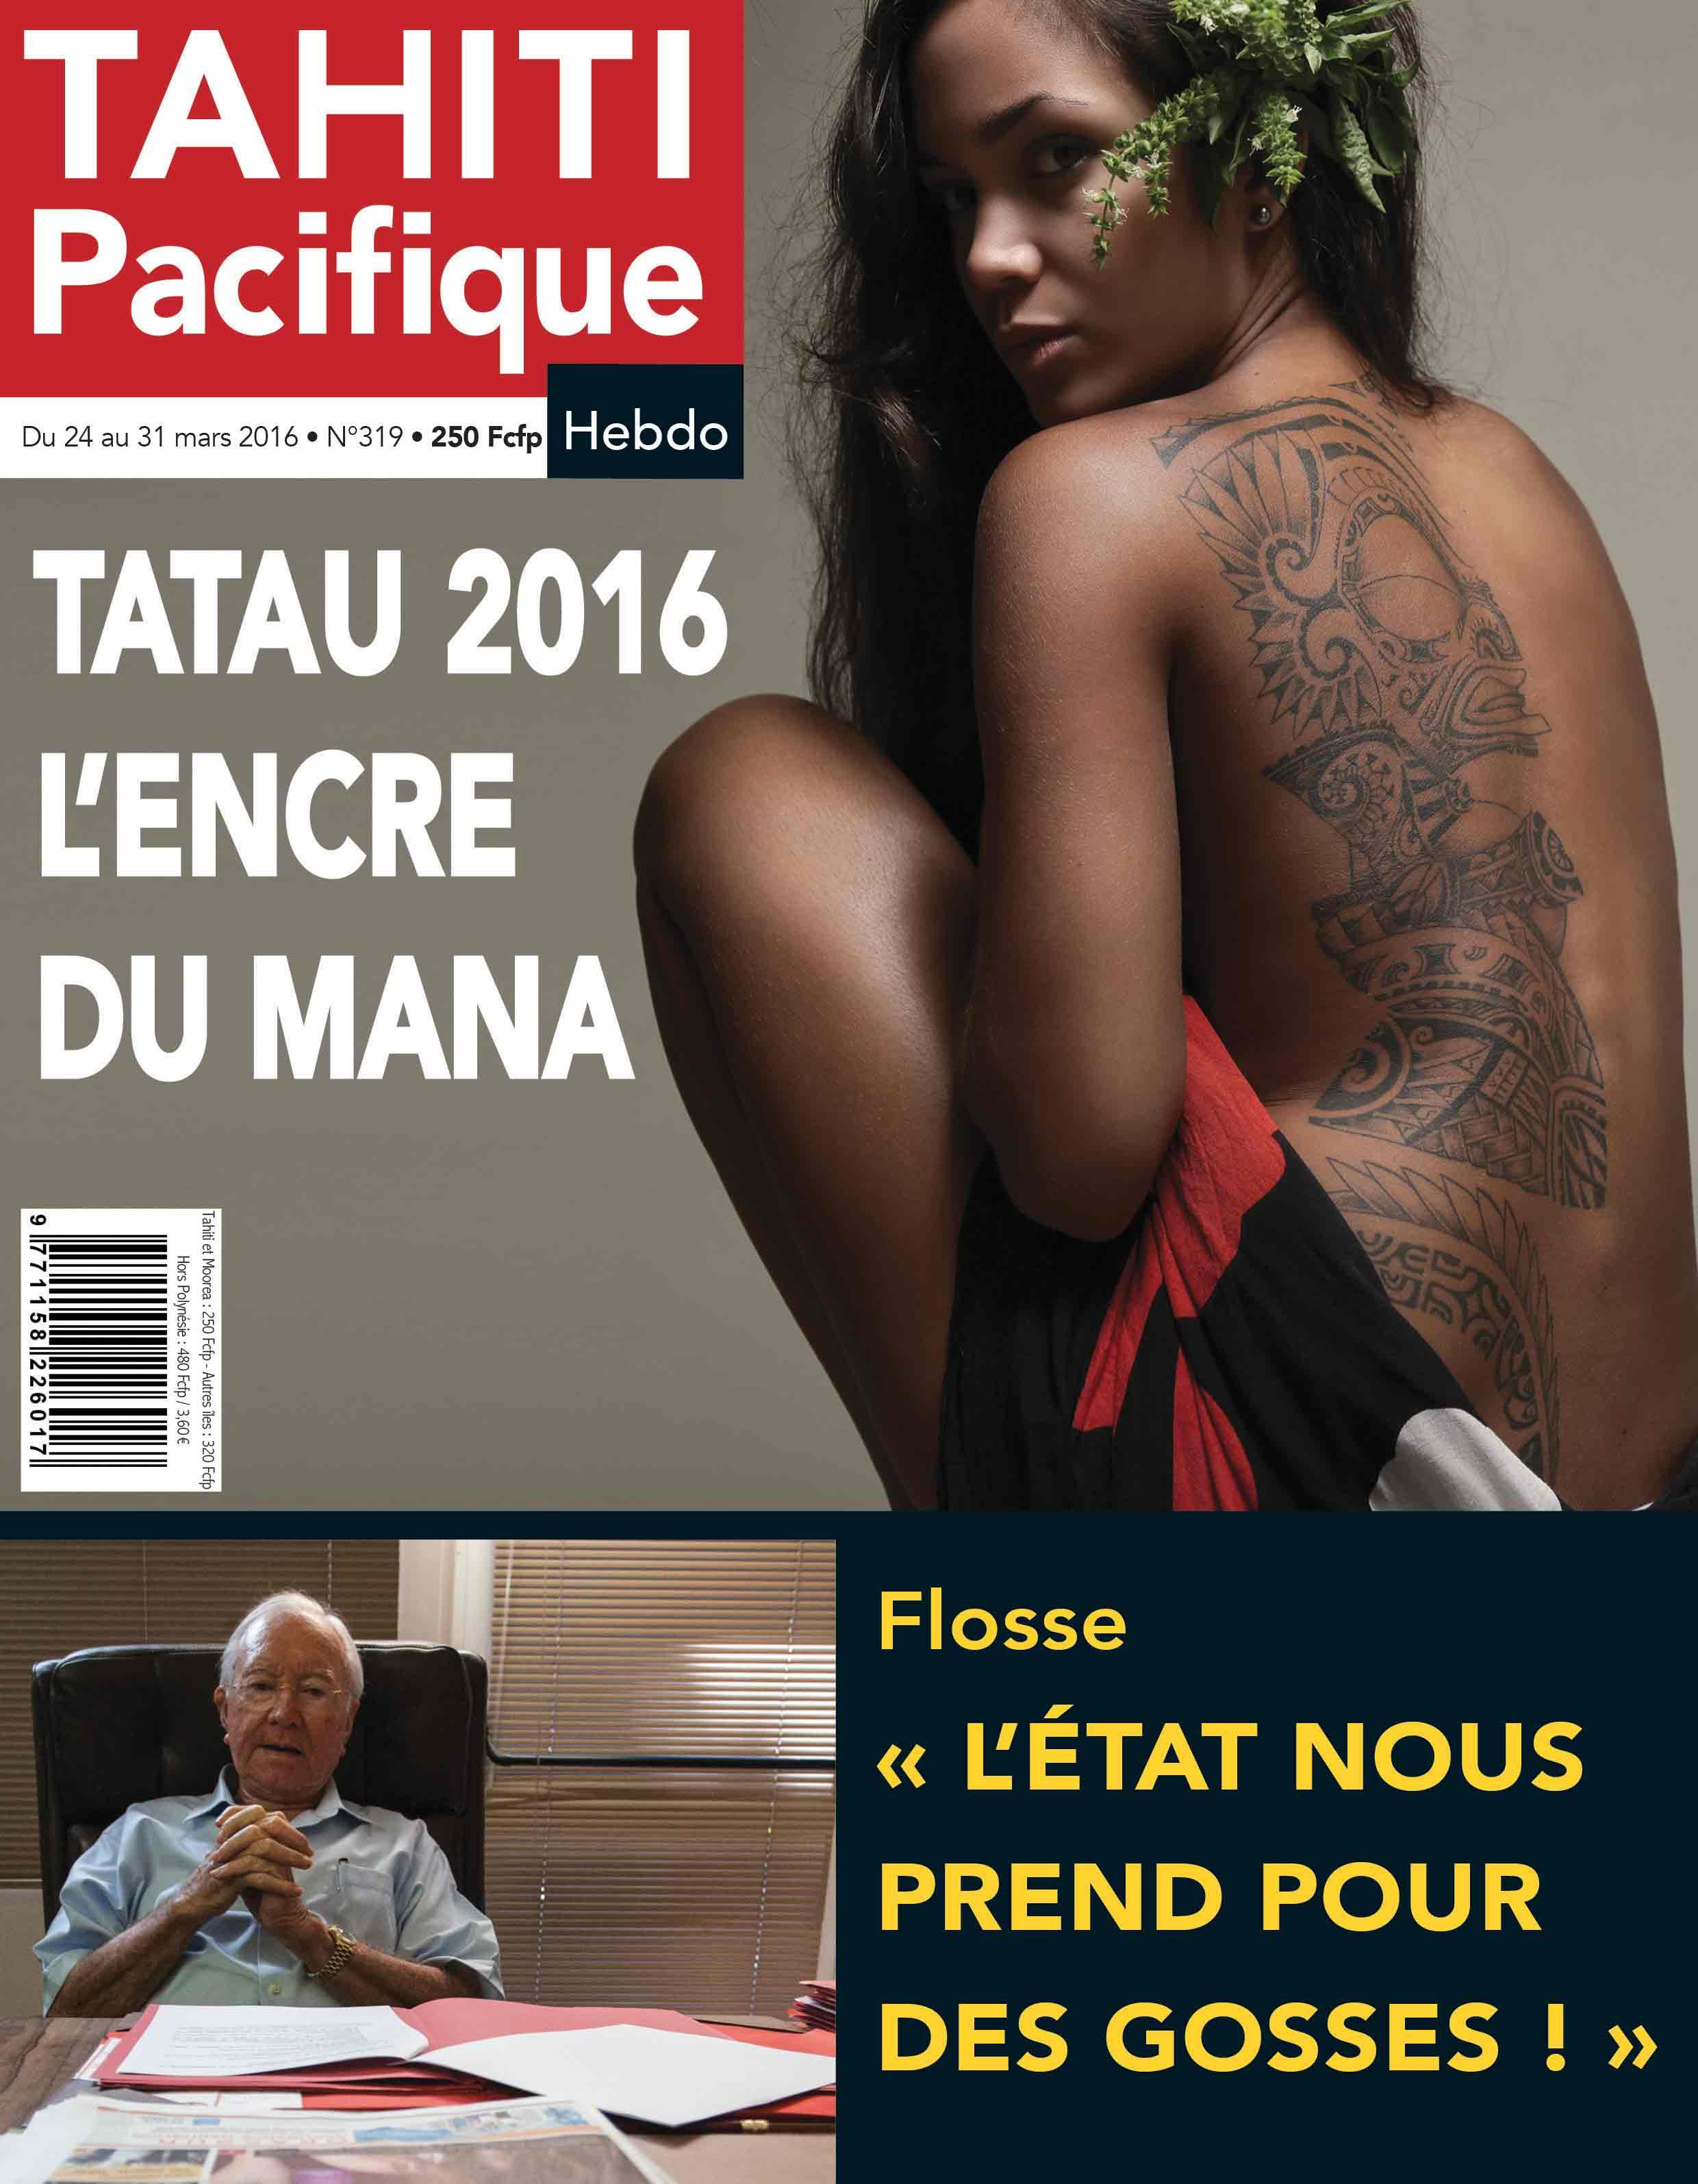 A la UNE de votre Tahiti Pacifique Hebdo demain